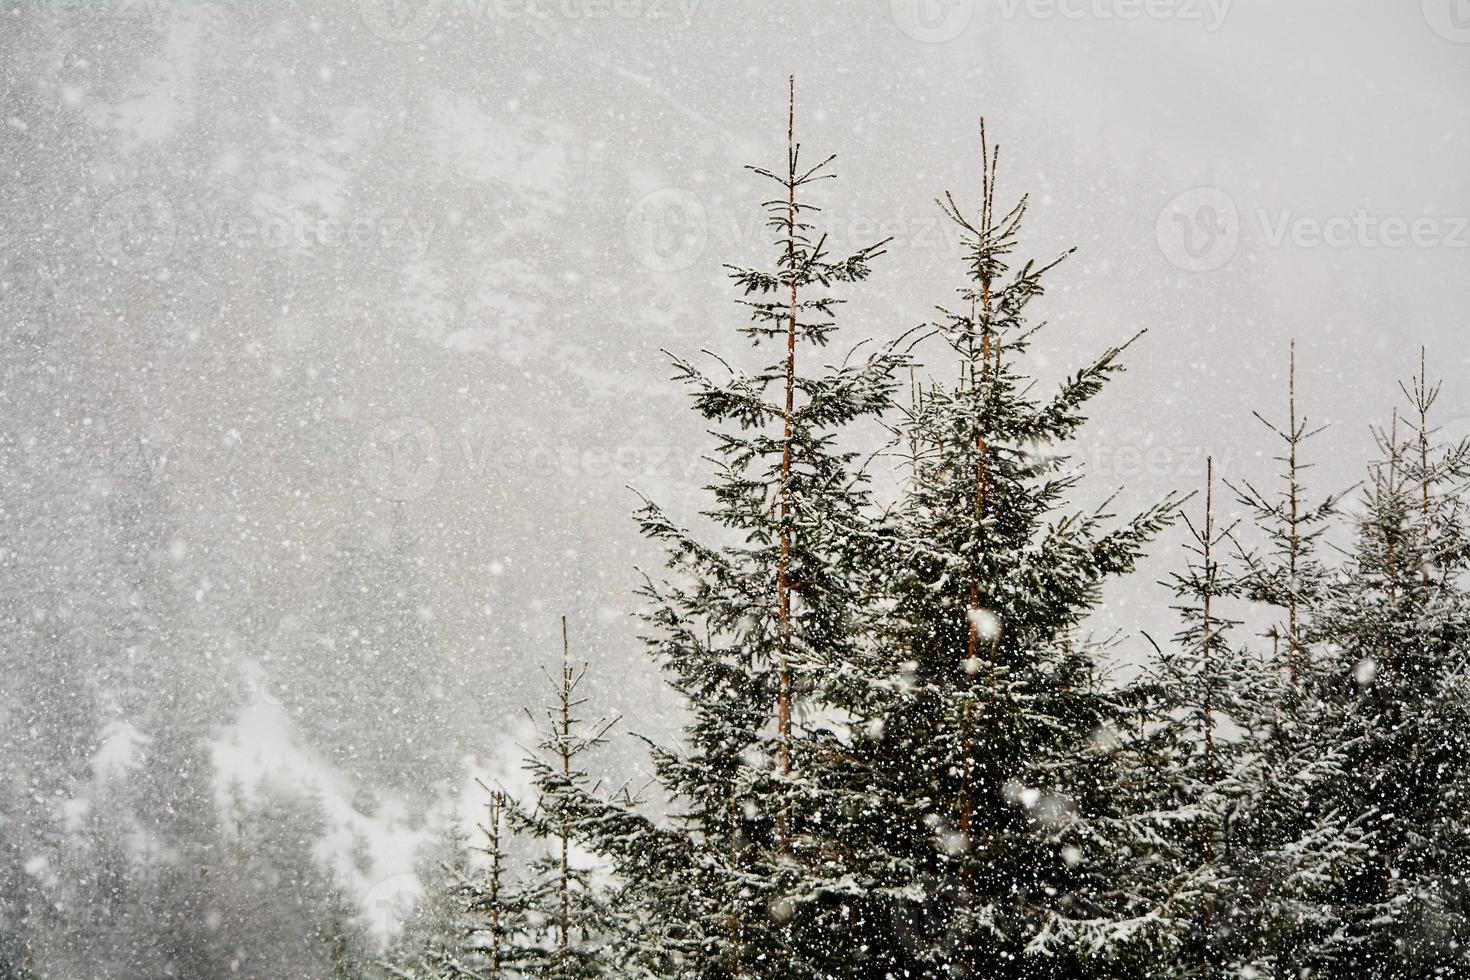 sneeuwval in de winter foto